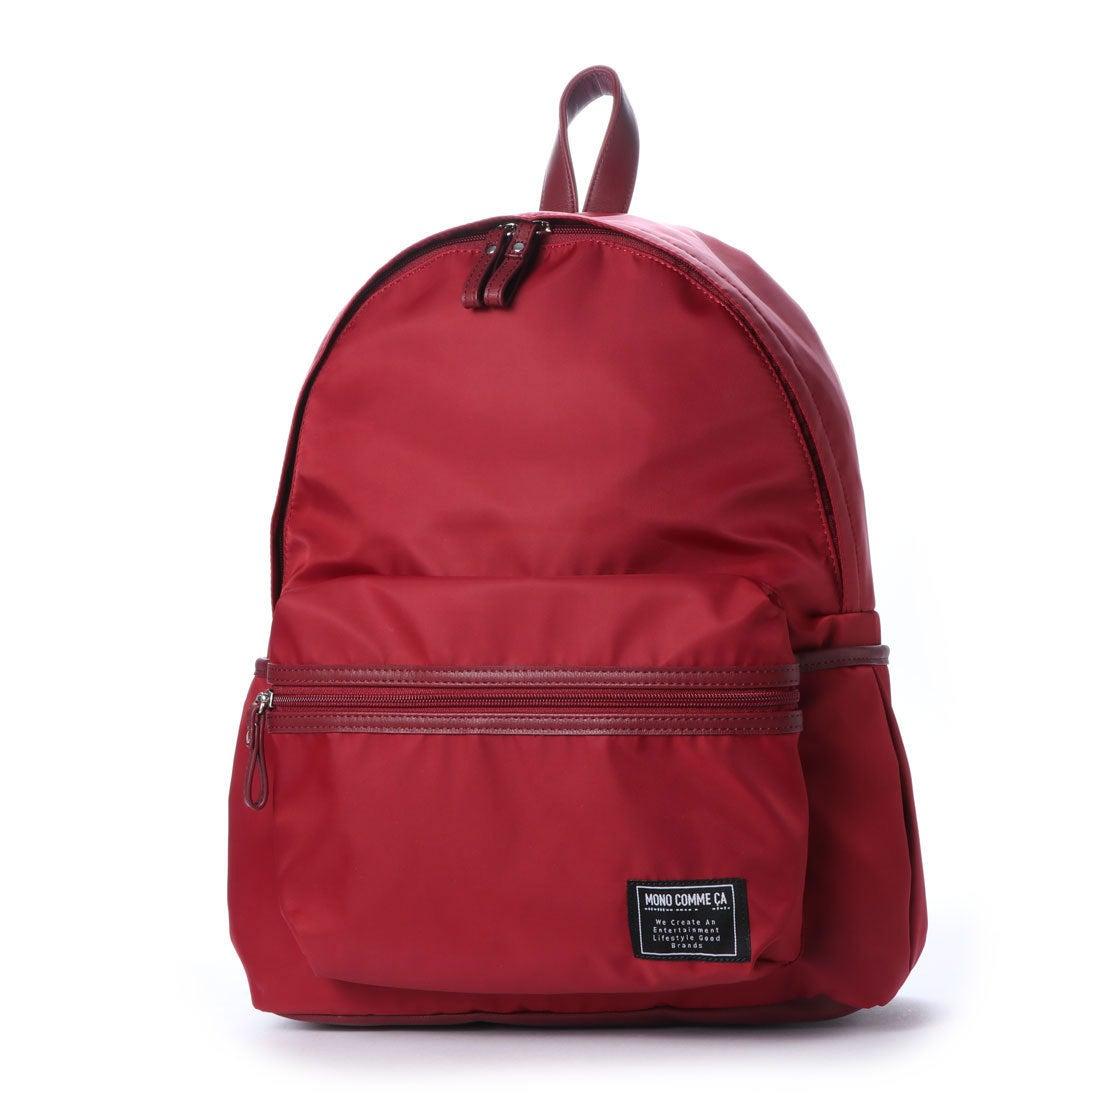 406e0fe72b コムサイズム COMME CA ISM MONO カラー ナイロン リュック (ボルドー) -靴&ファッション通販 ロコンド〜自宅で試着、気軽に返品